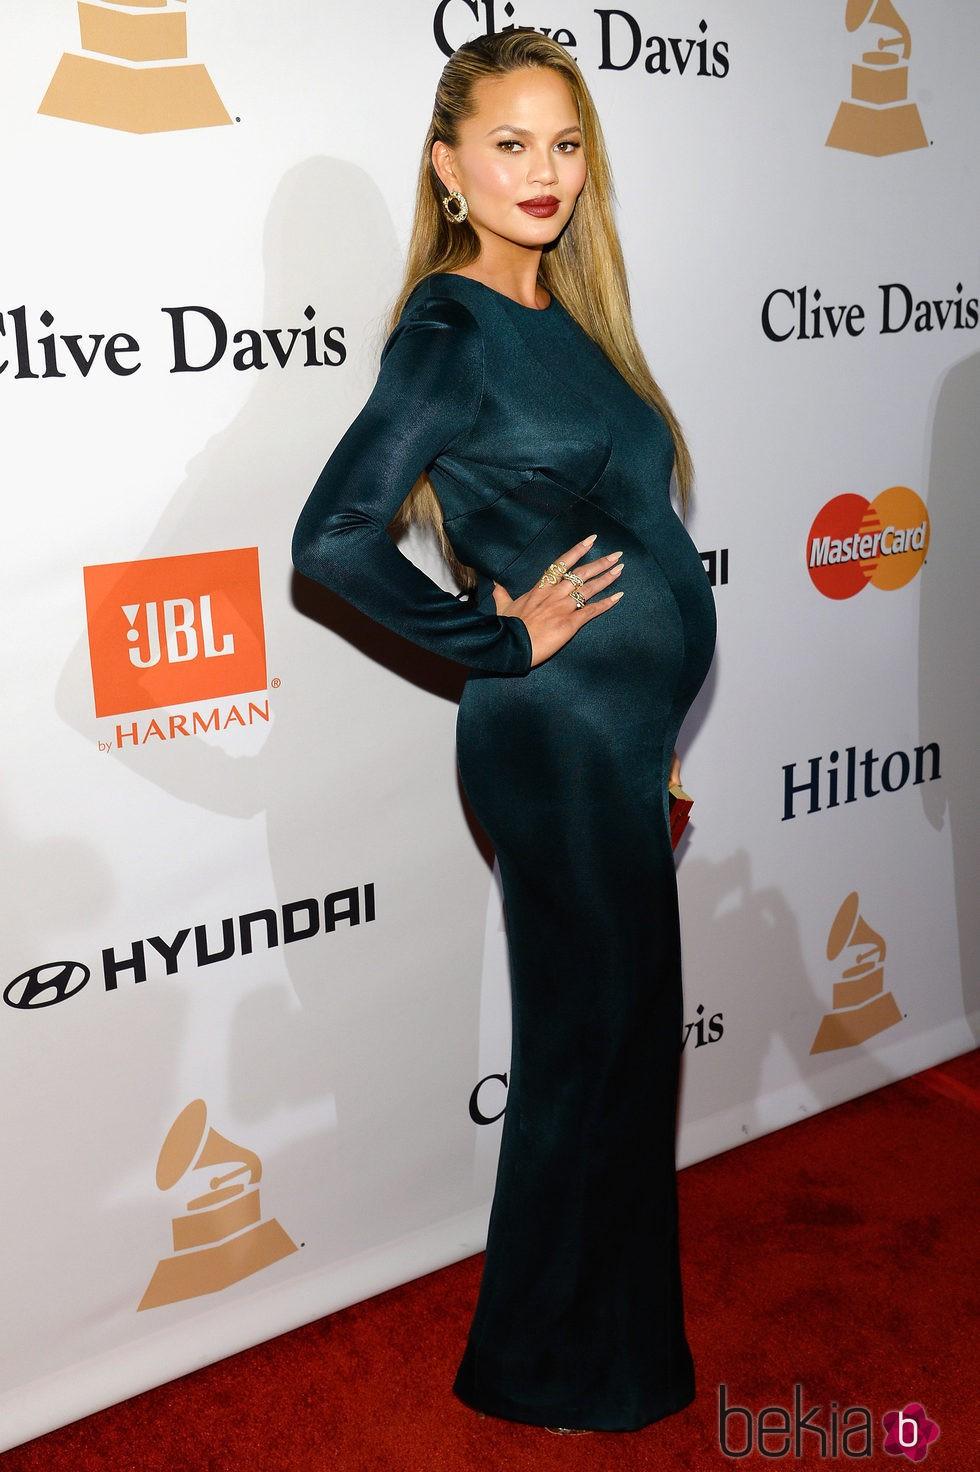 Chrissy Teigen luciendo embarazo en la fiesta Clive Davis previa a los Grammy 2016